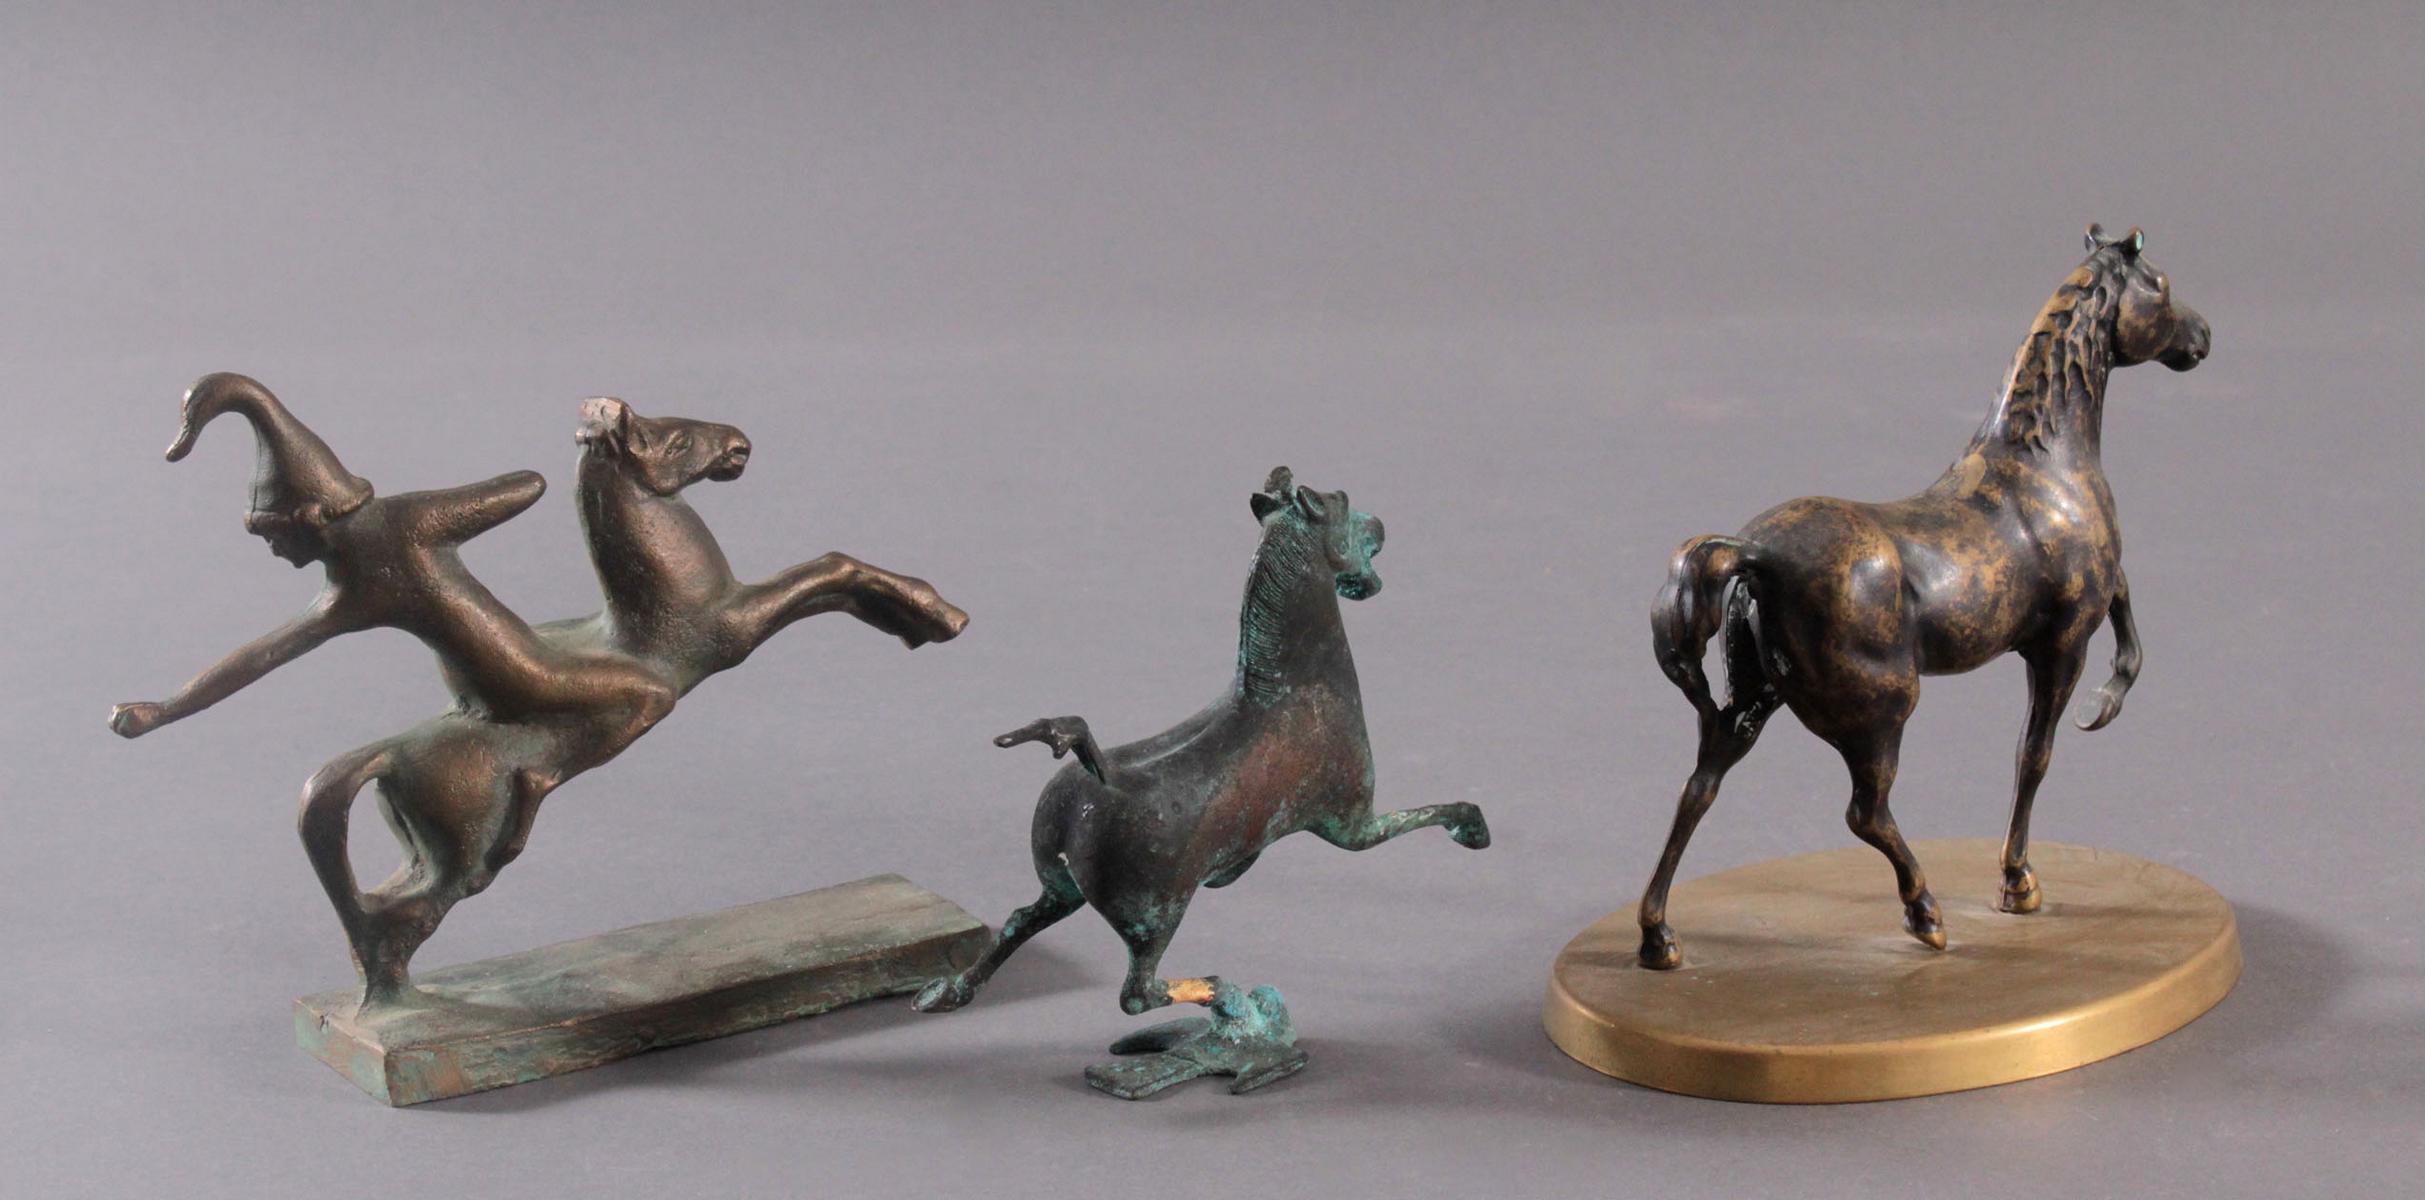 3 Pferdeskulpturen aus Bronze und Messing-2